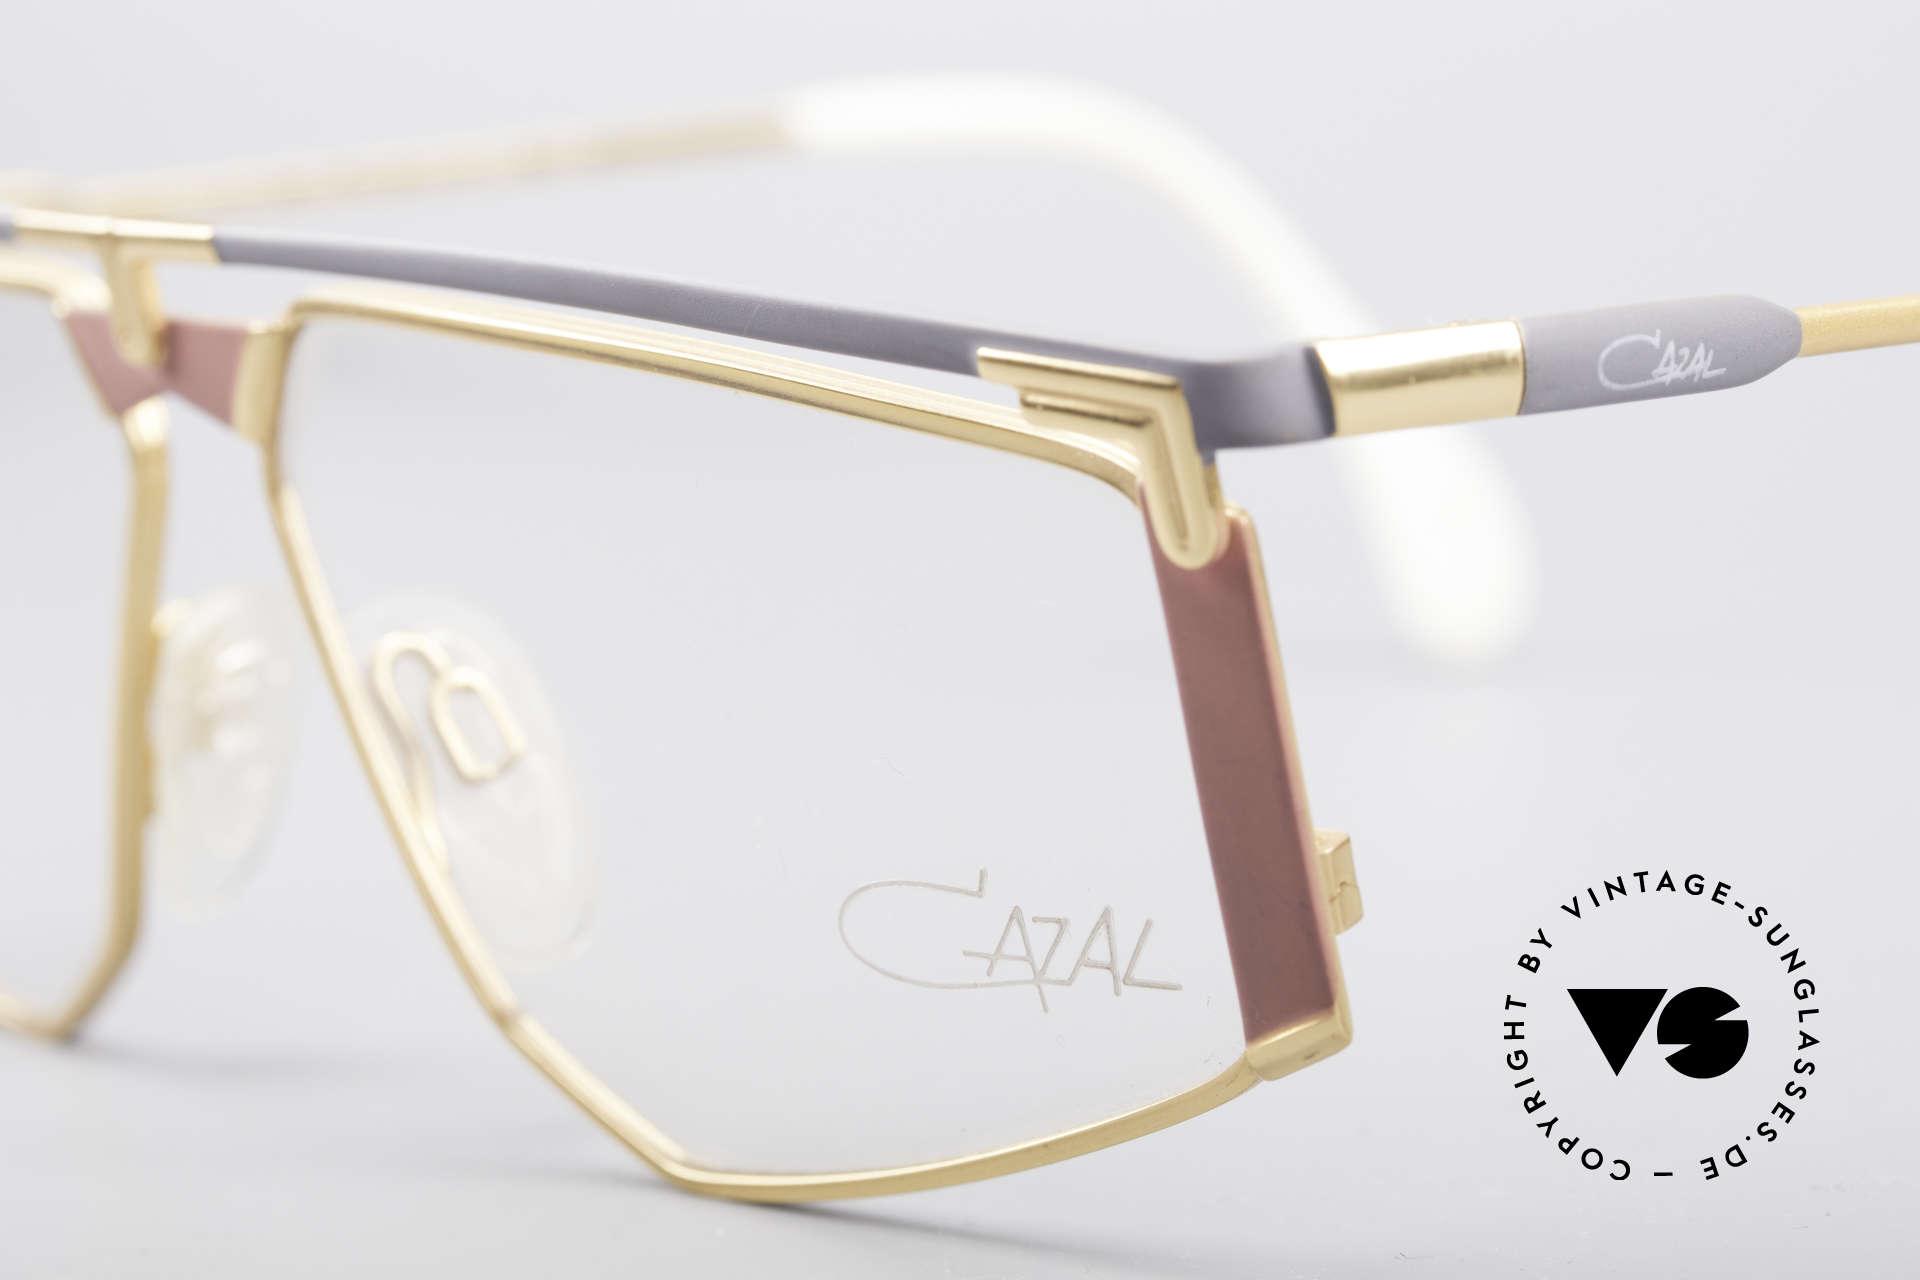 Cazal 235 Rare Titanium Vintage Brille, damals fester Bestandteil der amerik. Hip-Hop Szene, Passend für Herren und Damen